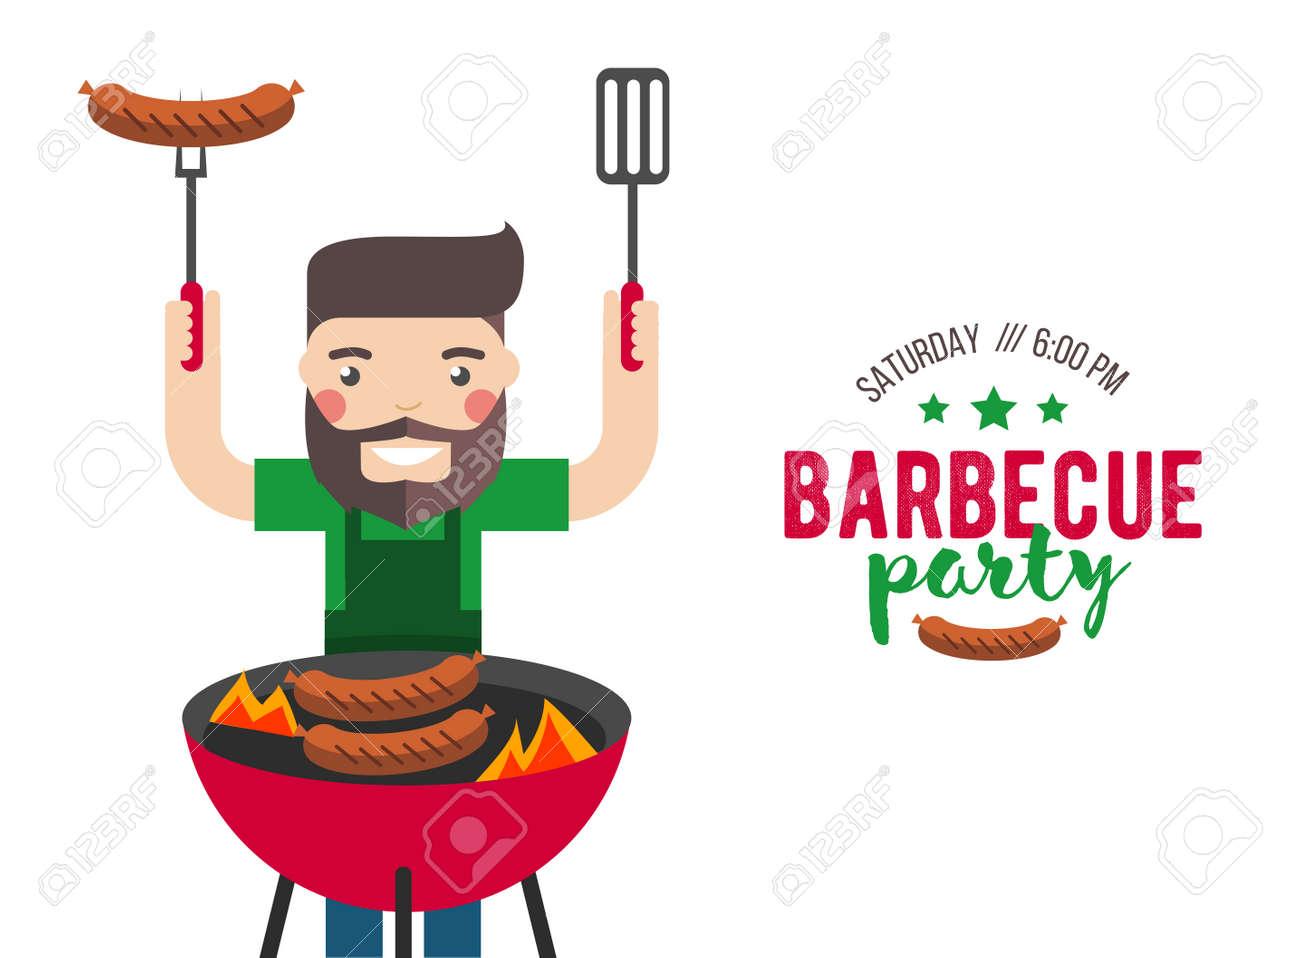 barbecue invite